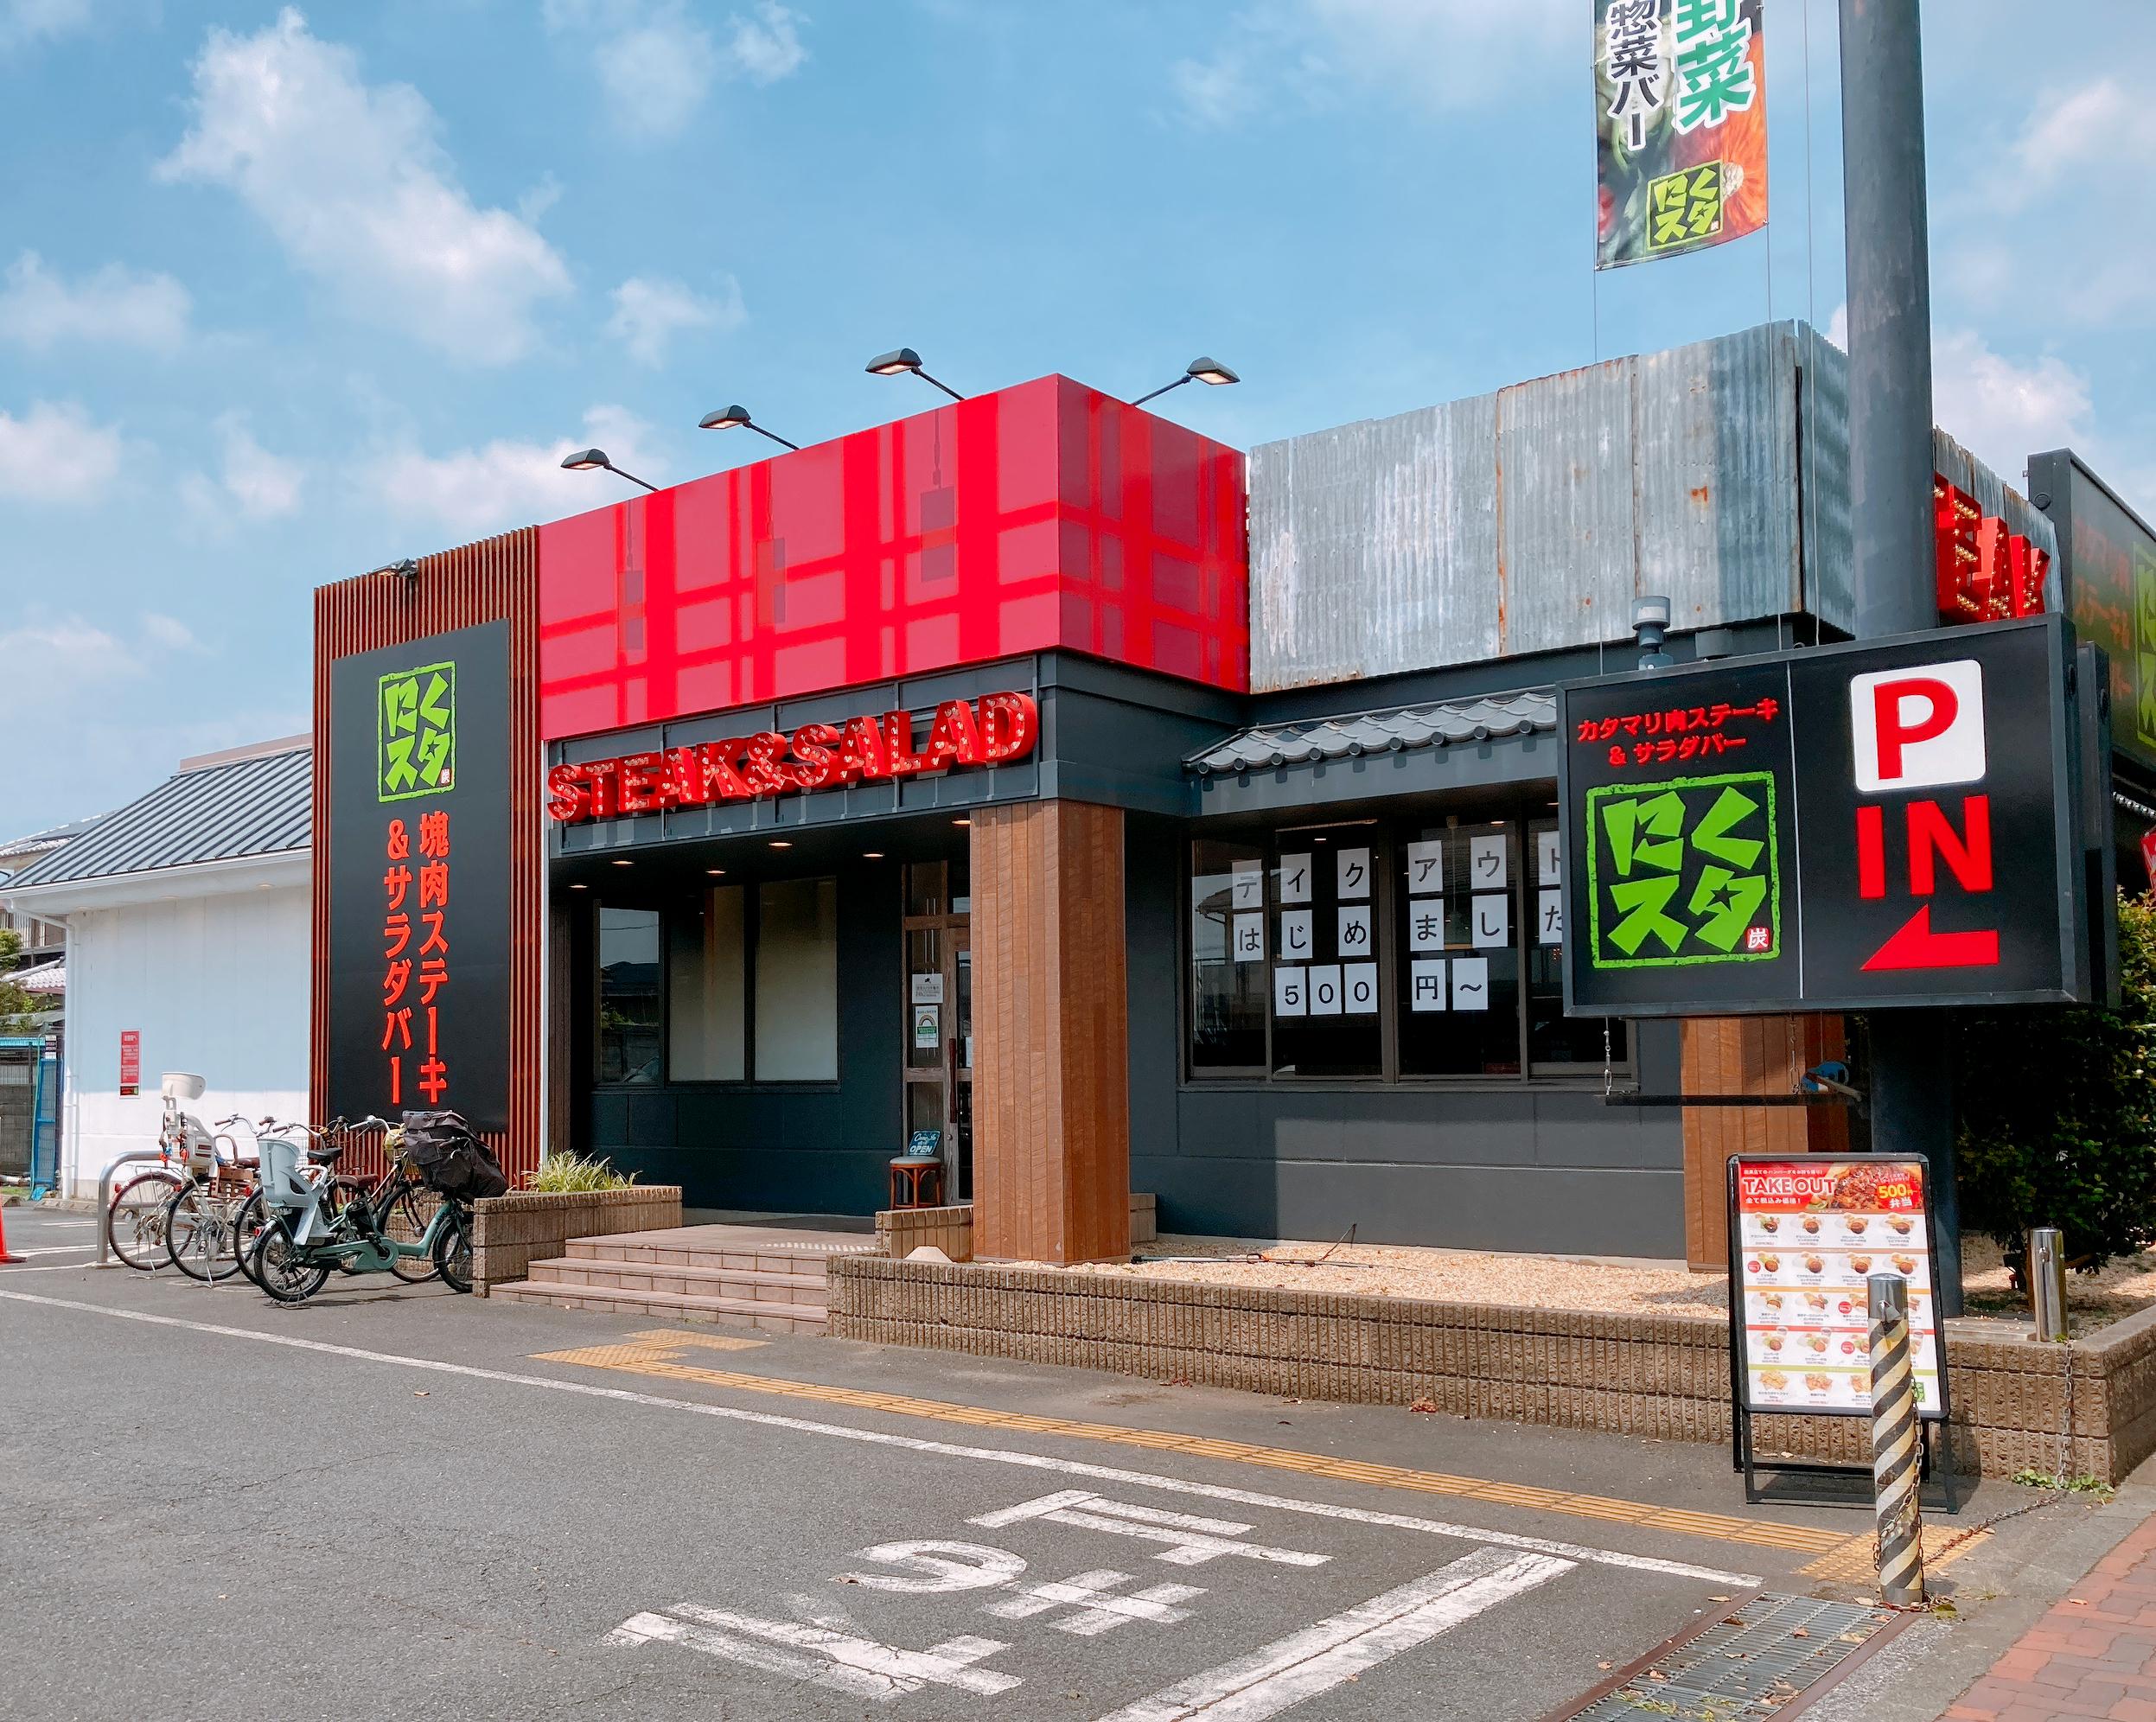 【衝撃】ワタミのステーキレストラン『にくスタ』のトマホークステーキがスゴイ! モノによっては1人で食いきれない!!